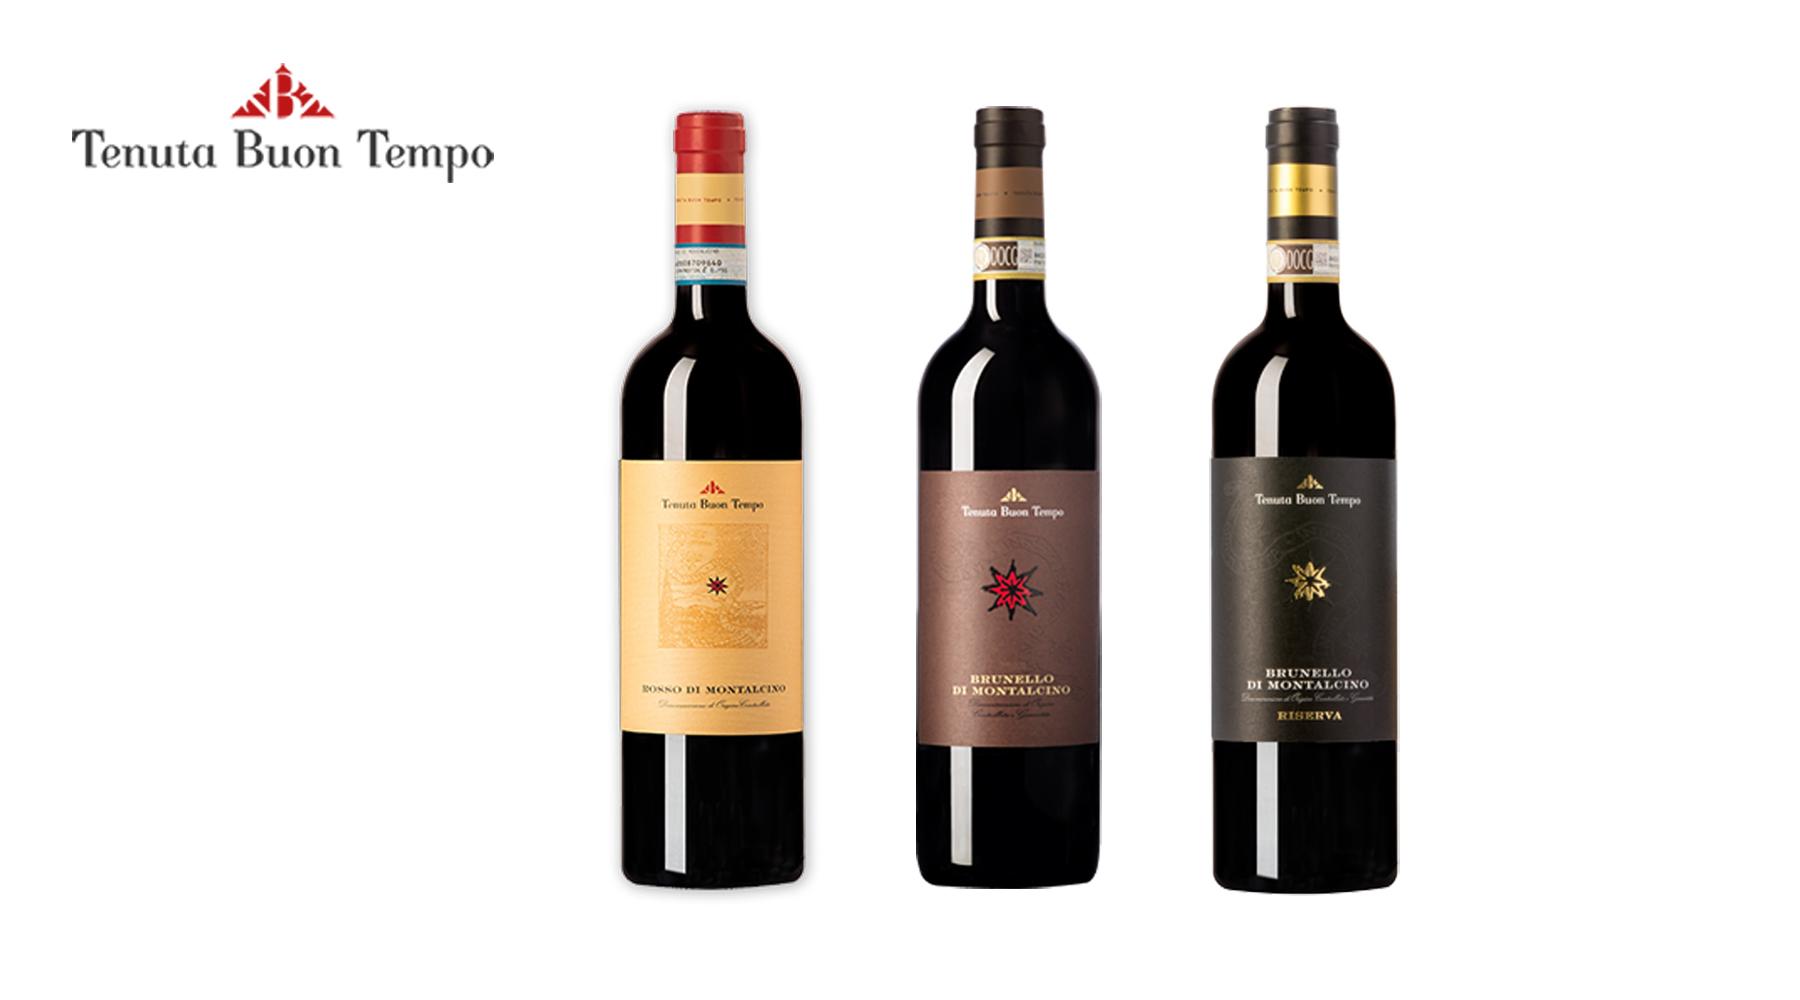 Tenuta-Buon-tempo-Rosso-and-Brunello.jpg